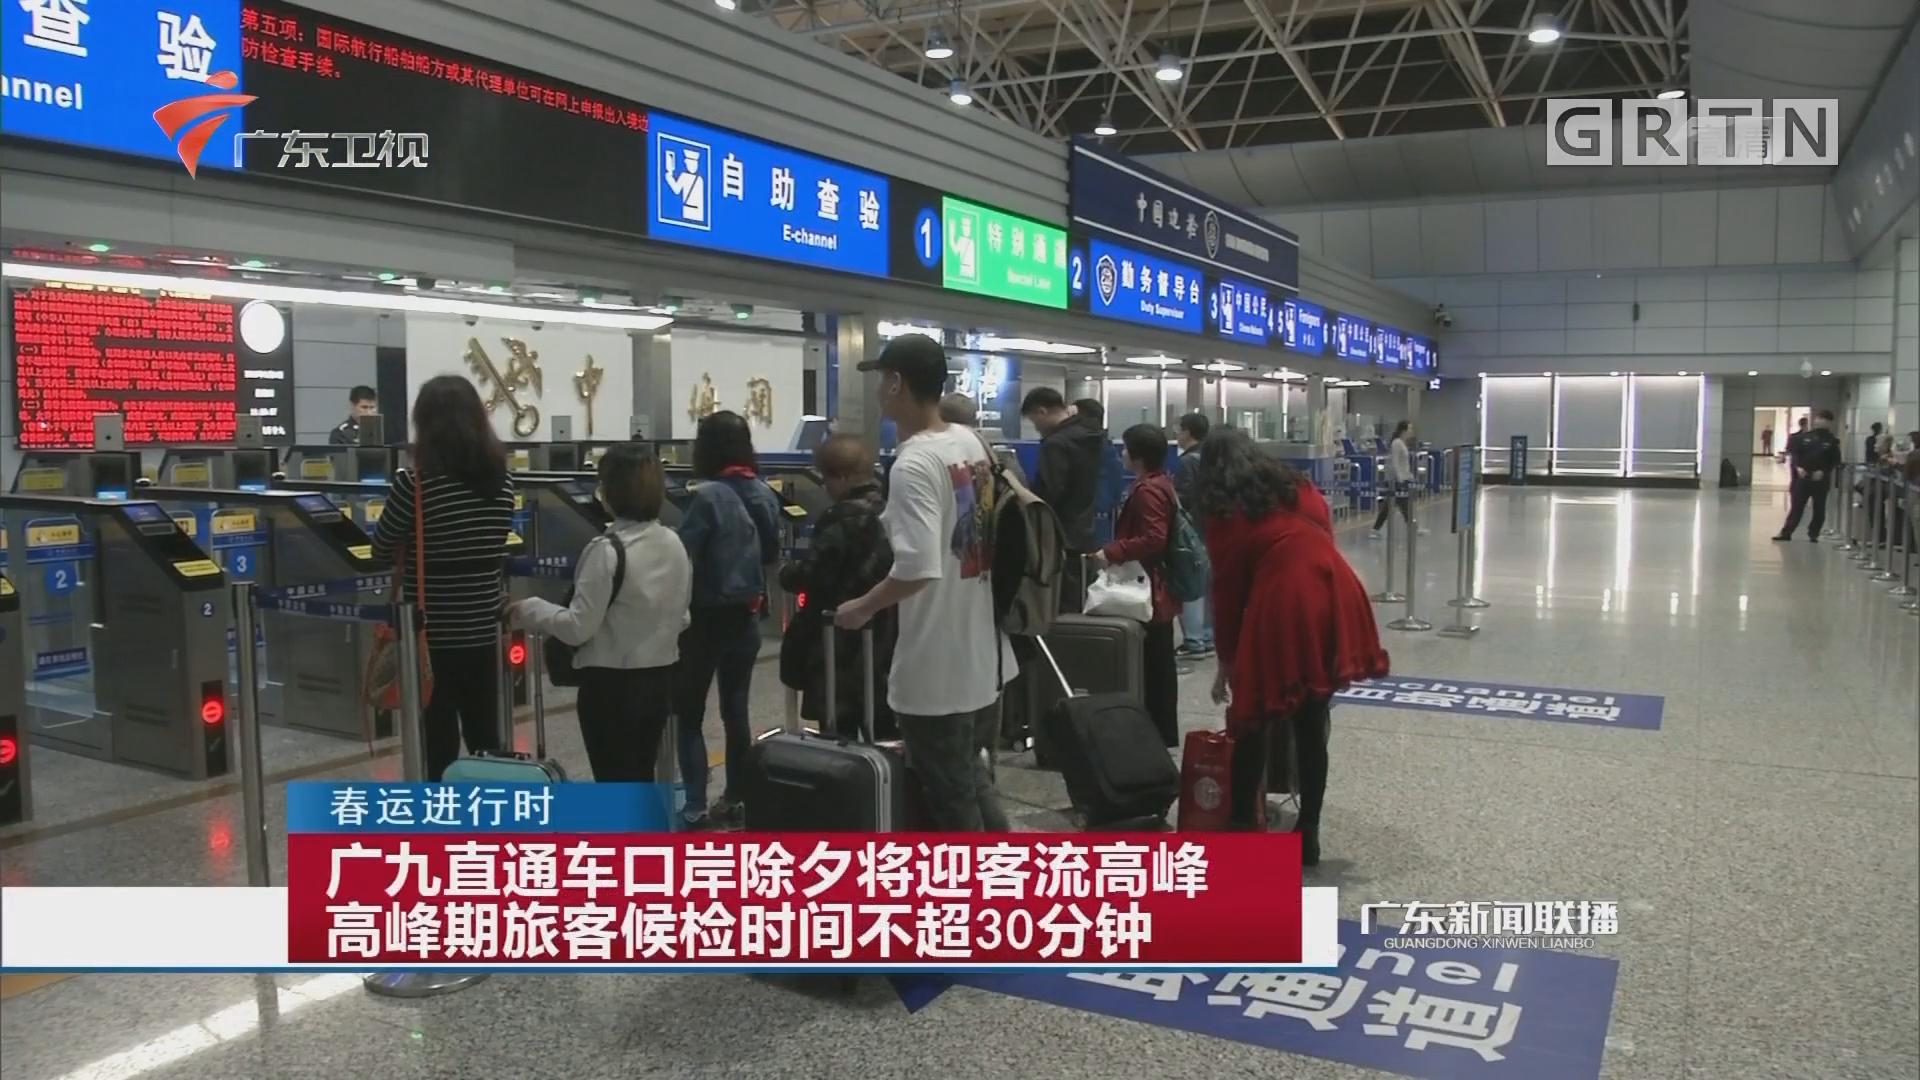 广九直通车口岸除夕将迎客流高峰 高峰期旅客候检时间不超30分钟